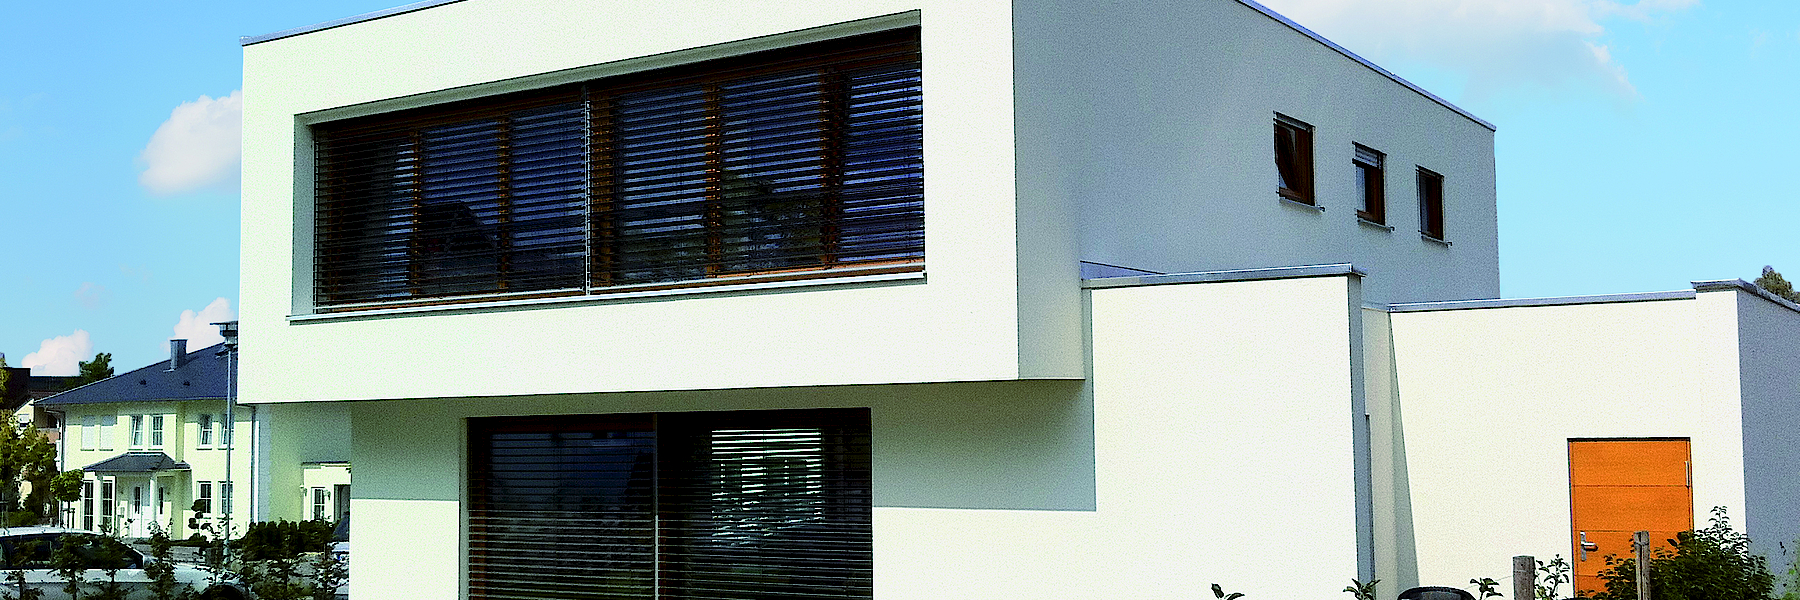 m ller plan bau individuelle architektur familienhausbau industriebau sanierung nordheim. Black Bedroom Furniture Sets. Home Design Ideas